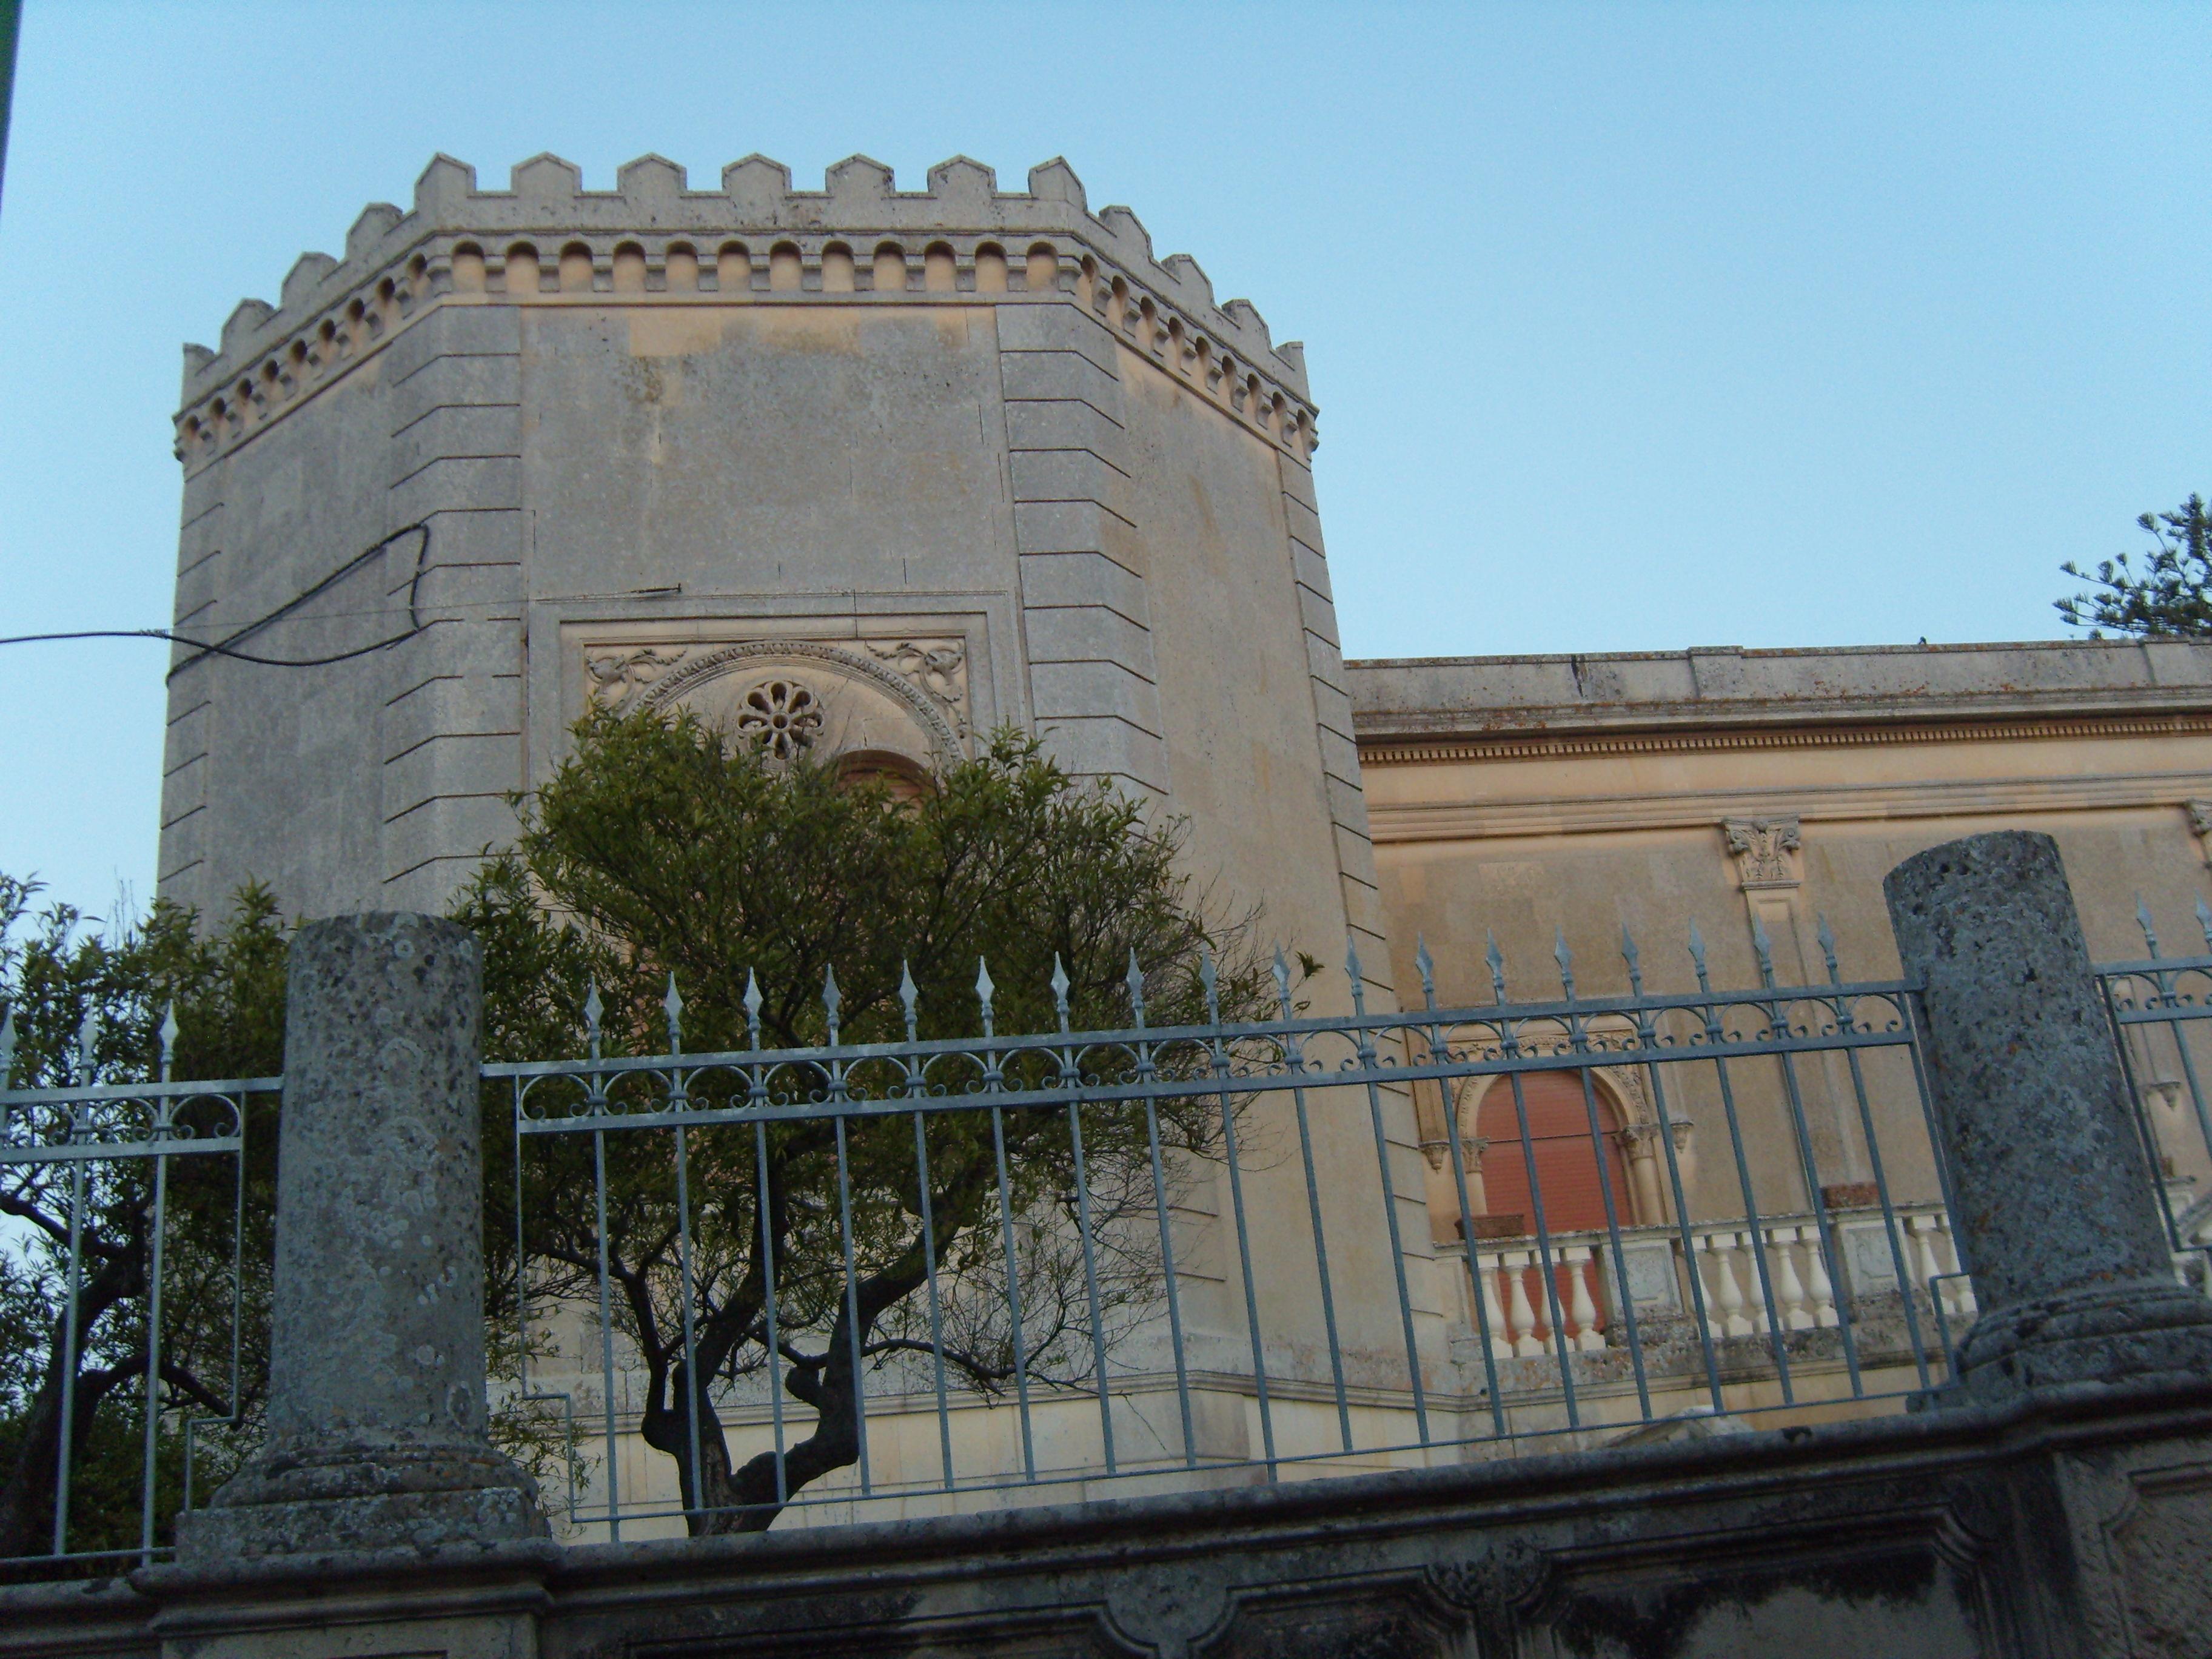 Foto Bagnolo Del Salento : Datei:bagnolo del salento palazzo dei papaleo.jpg u2013 wikipedia